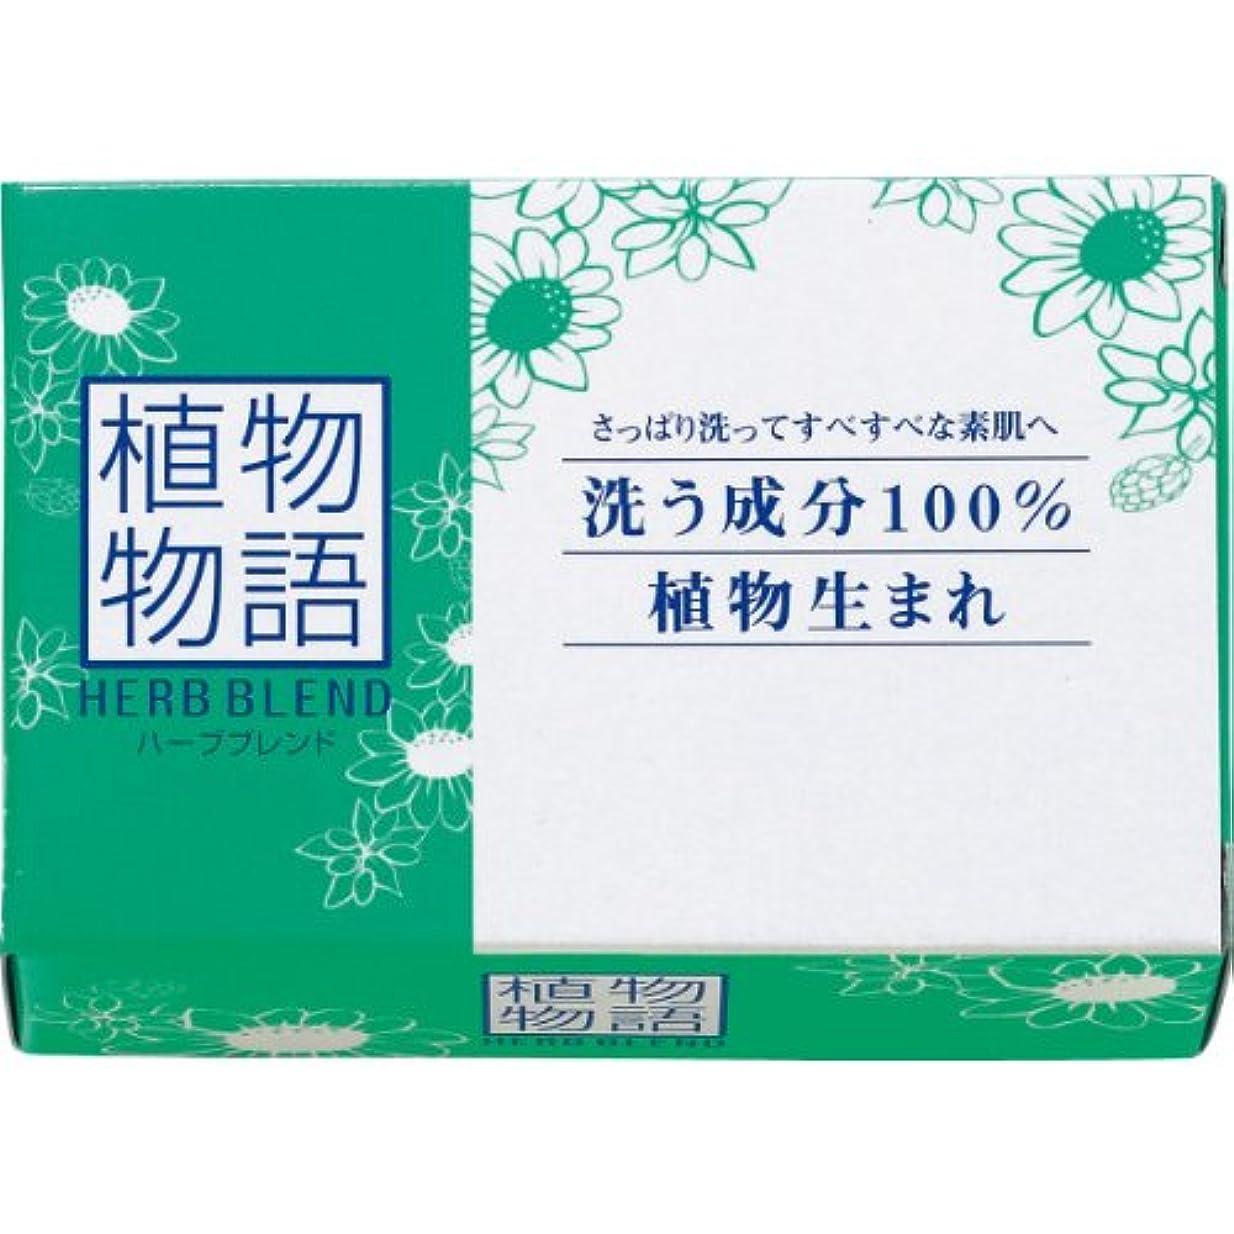 歌難破船休日に【ライオン】植物物語ハーブブレンド 化粧石鹸 80g